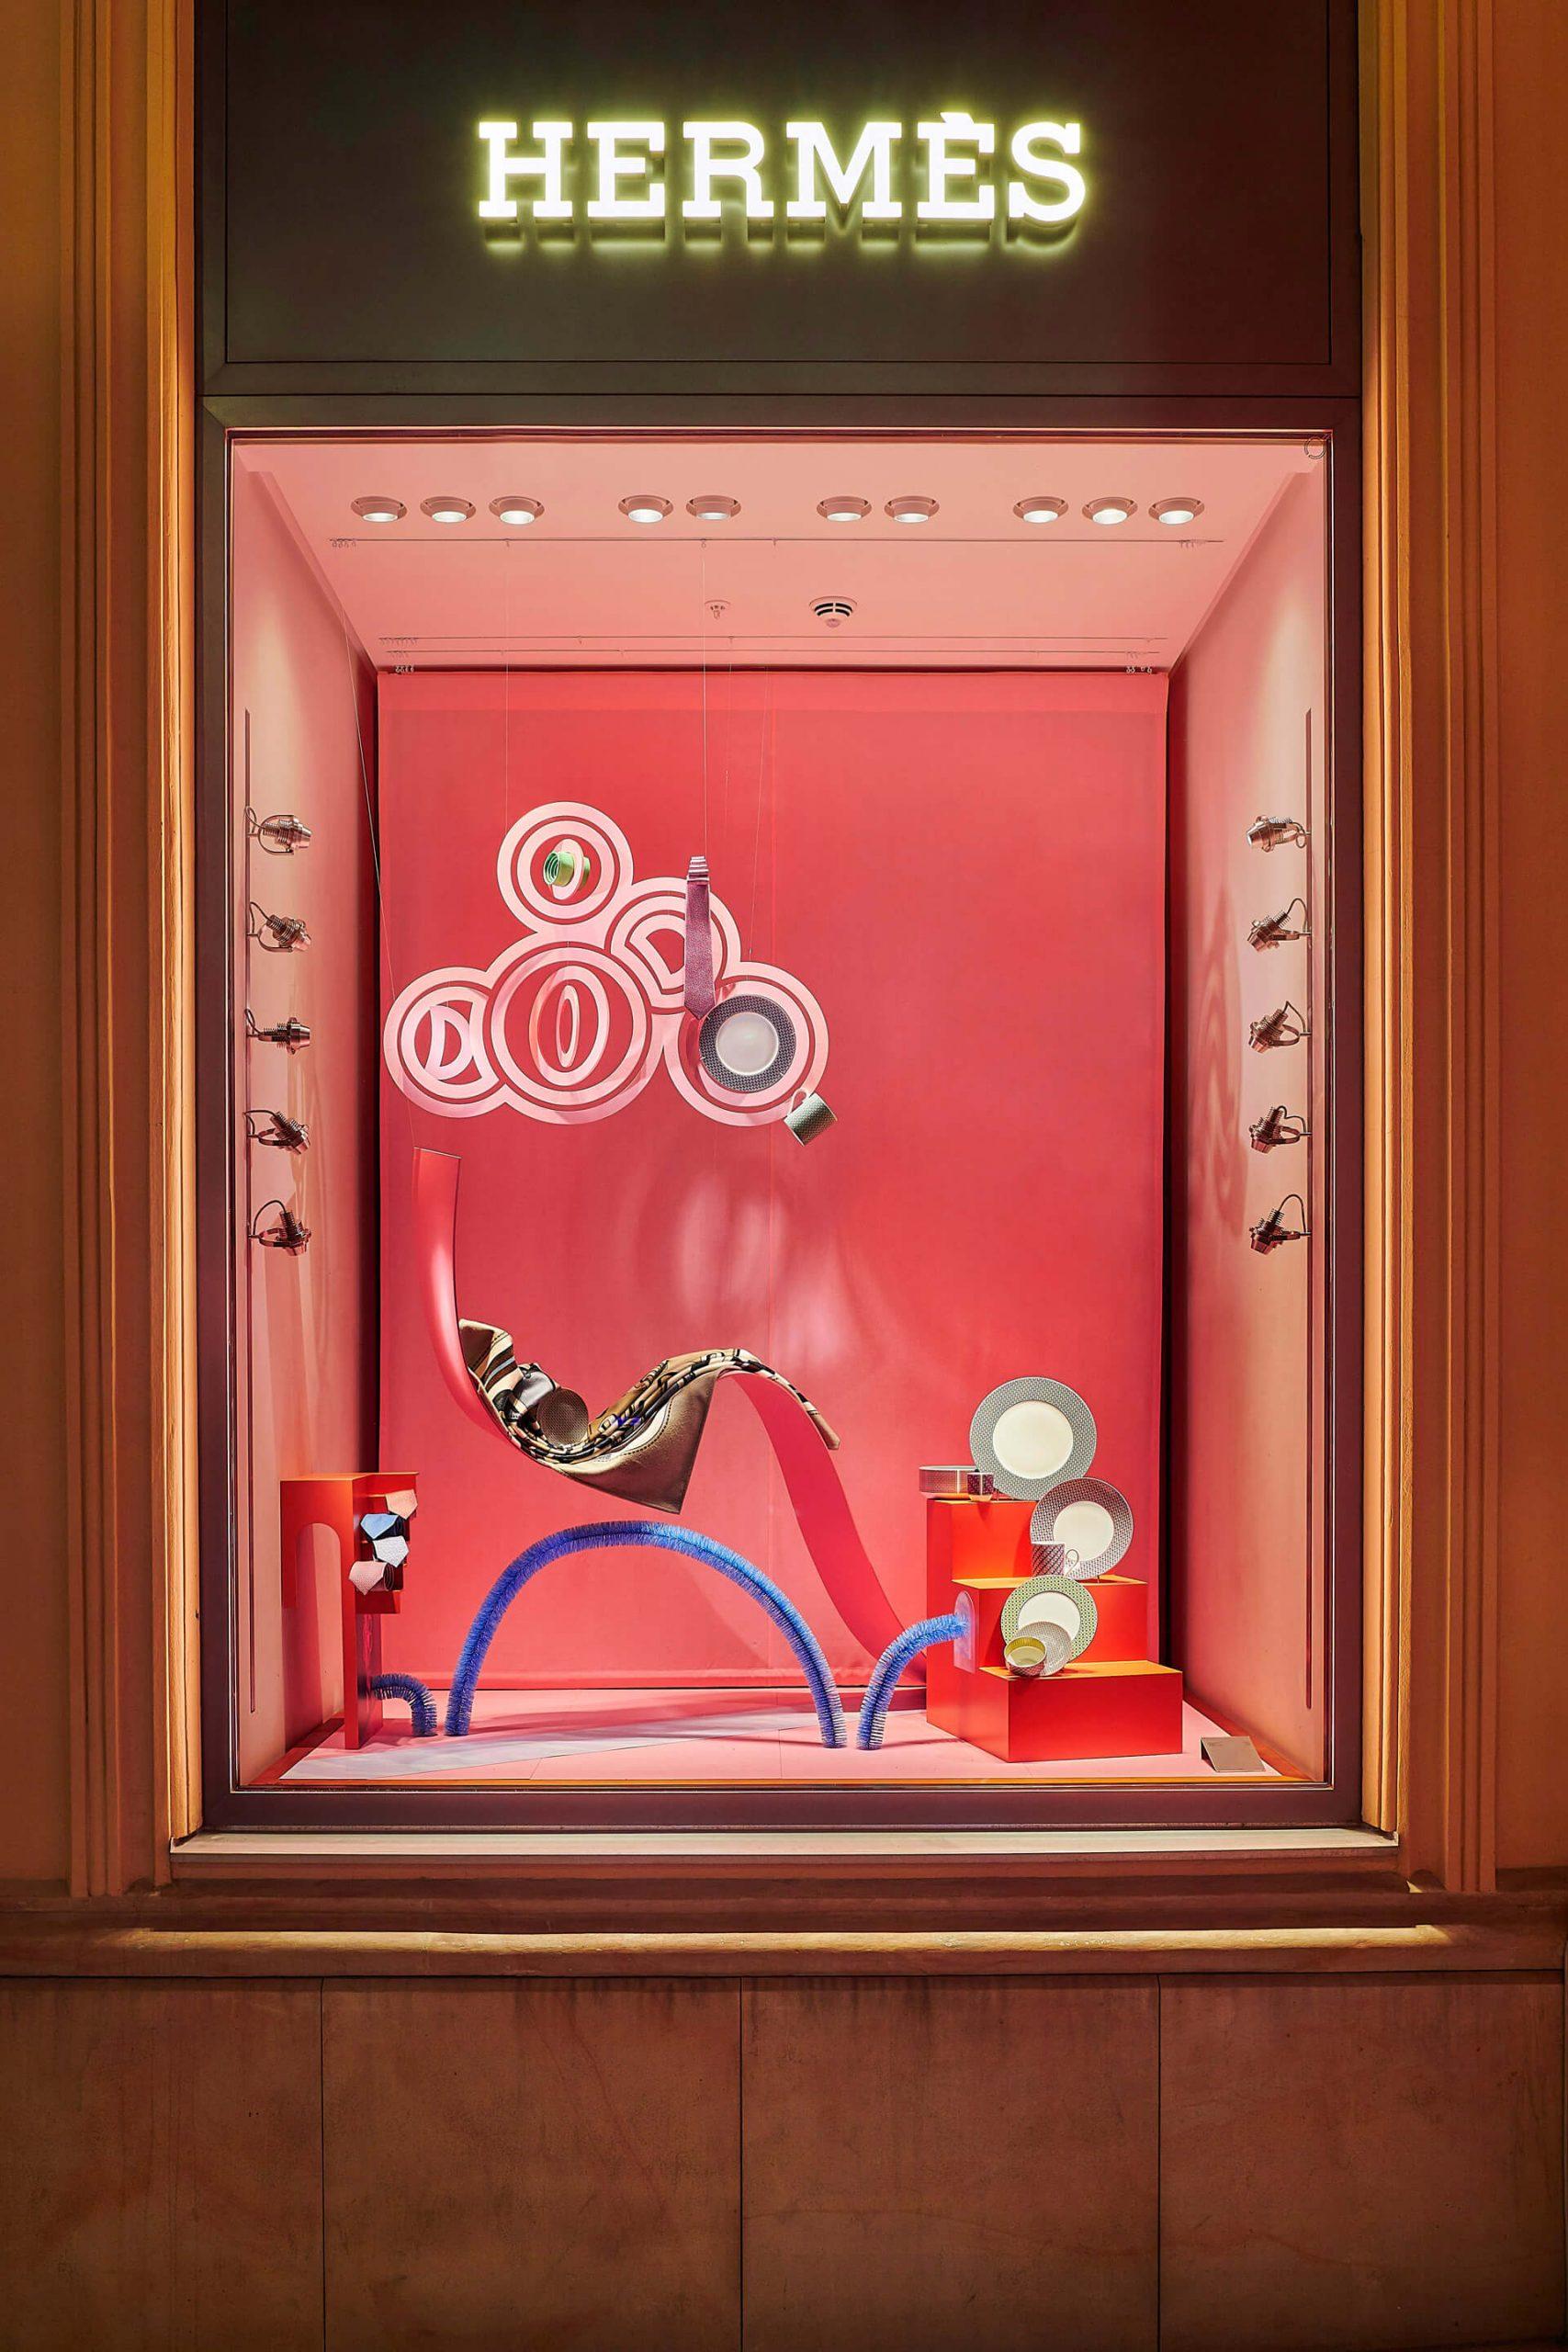 hermes-window-spring19-1